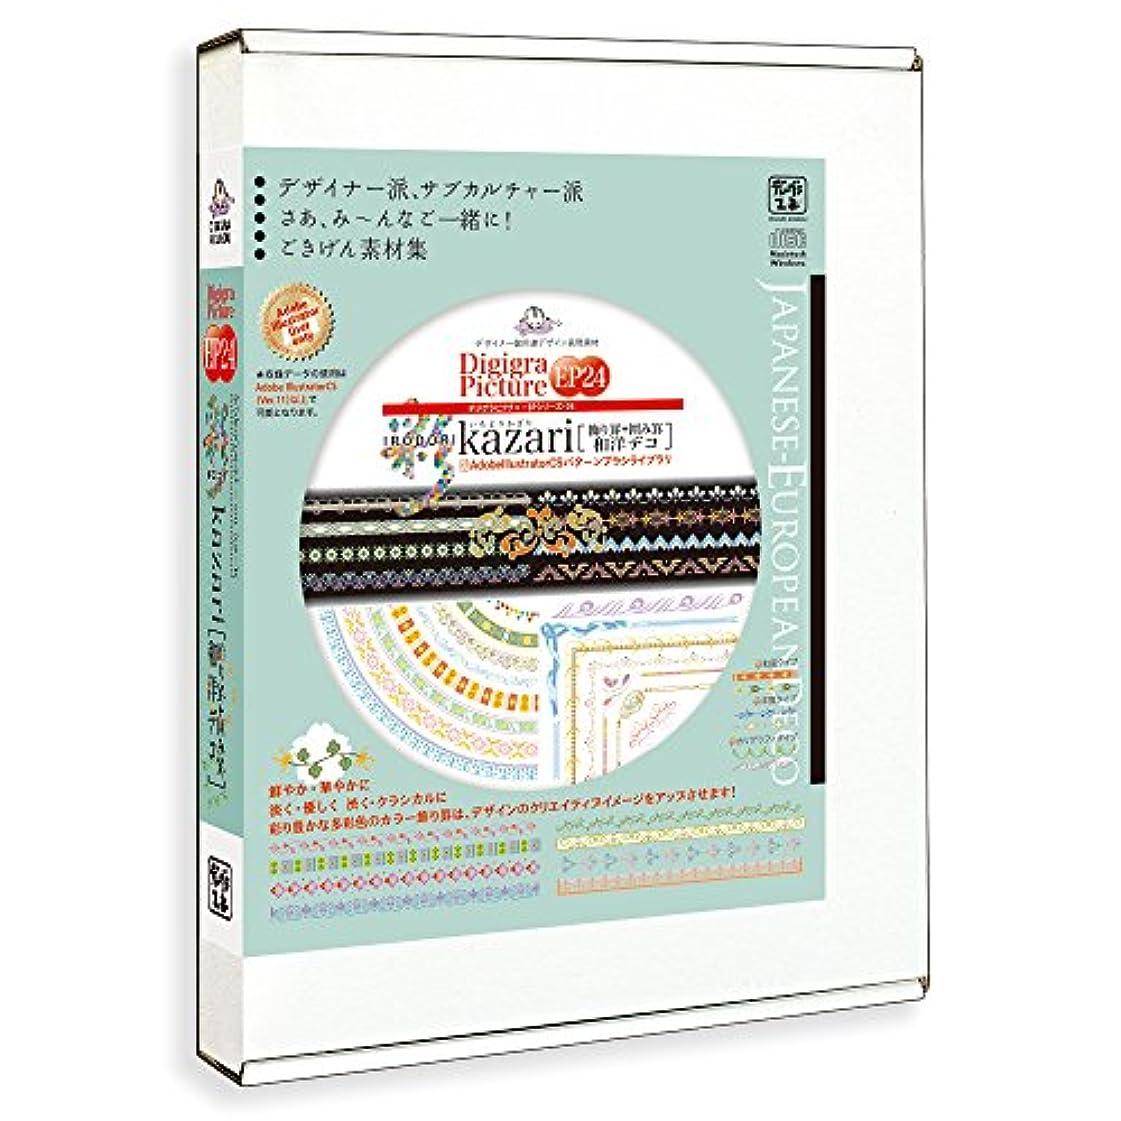 変換波ペナルティDigigra Picture EP24 彩kazari [飾り罫+囲み罫/和洋デコ]